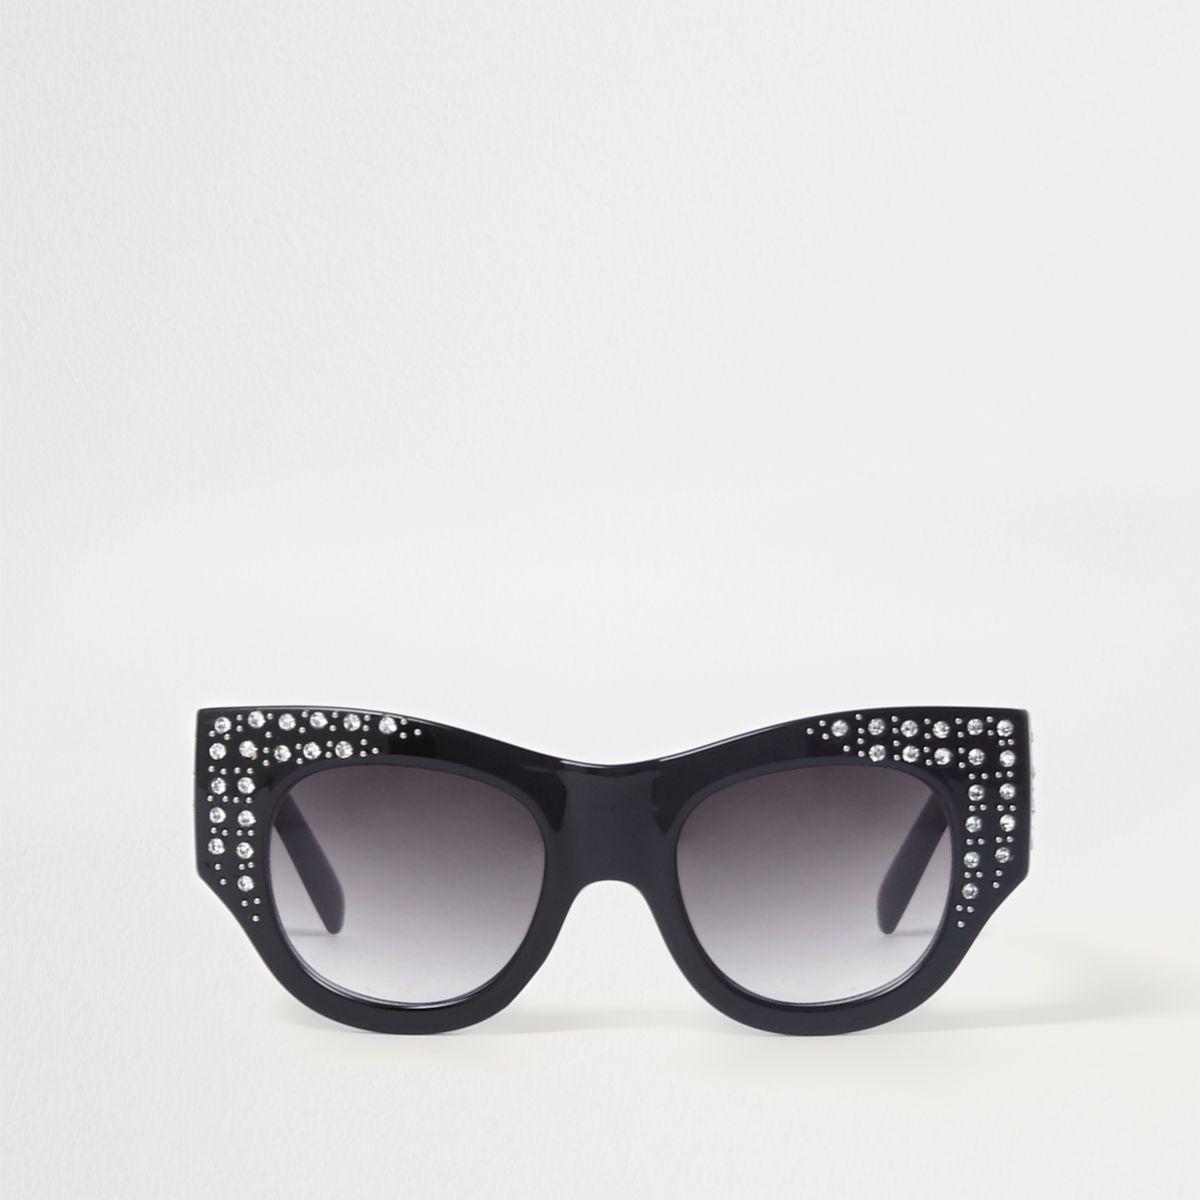 Schwarze, strassverzierte Sonnenbrille